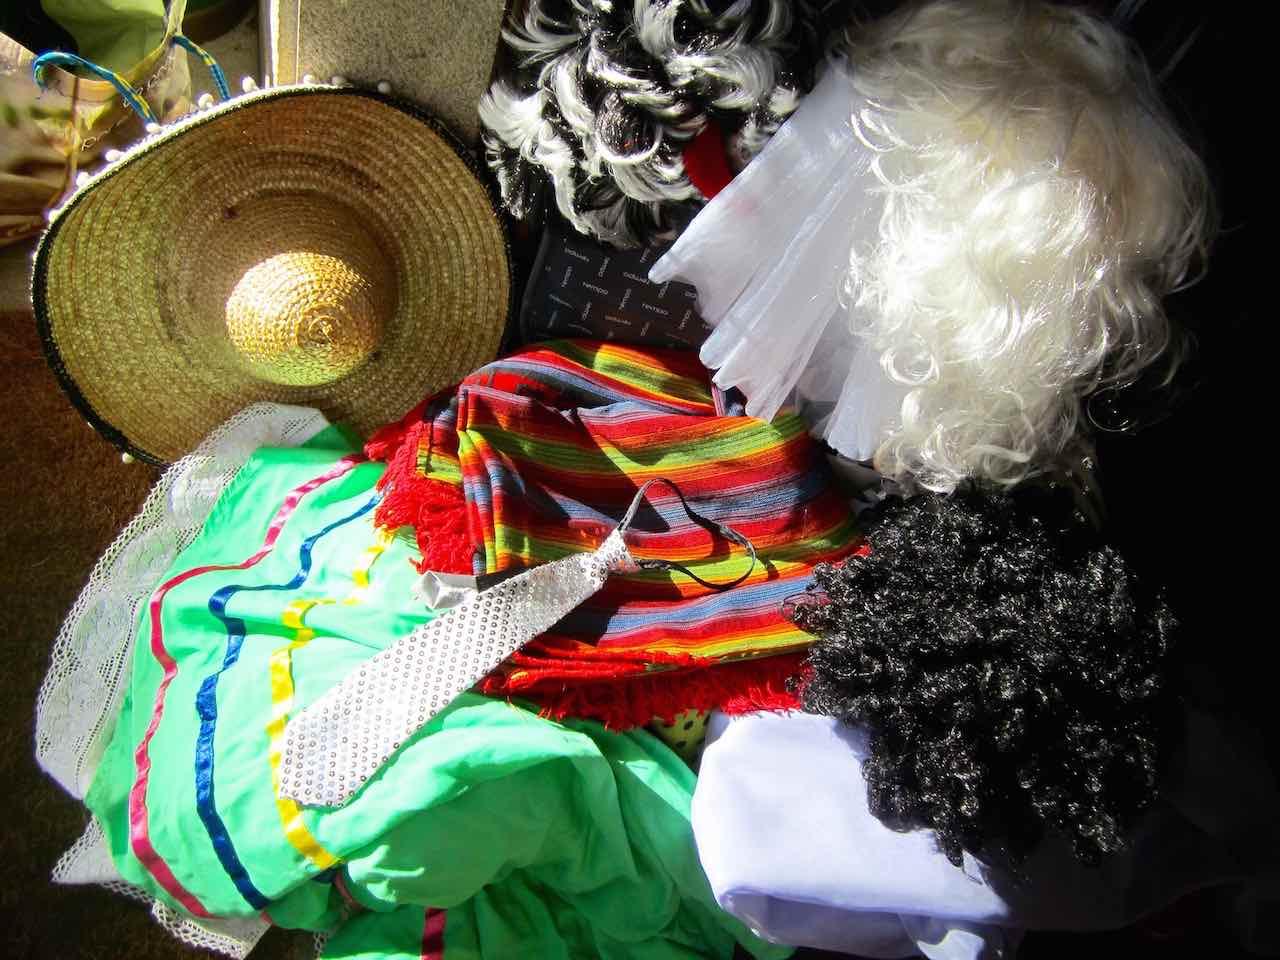 La maleta cargada de disfraces. ©María Calvo.